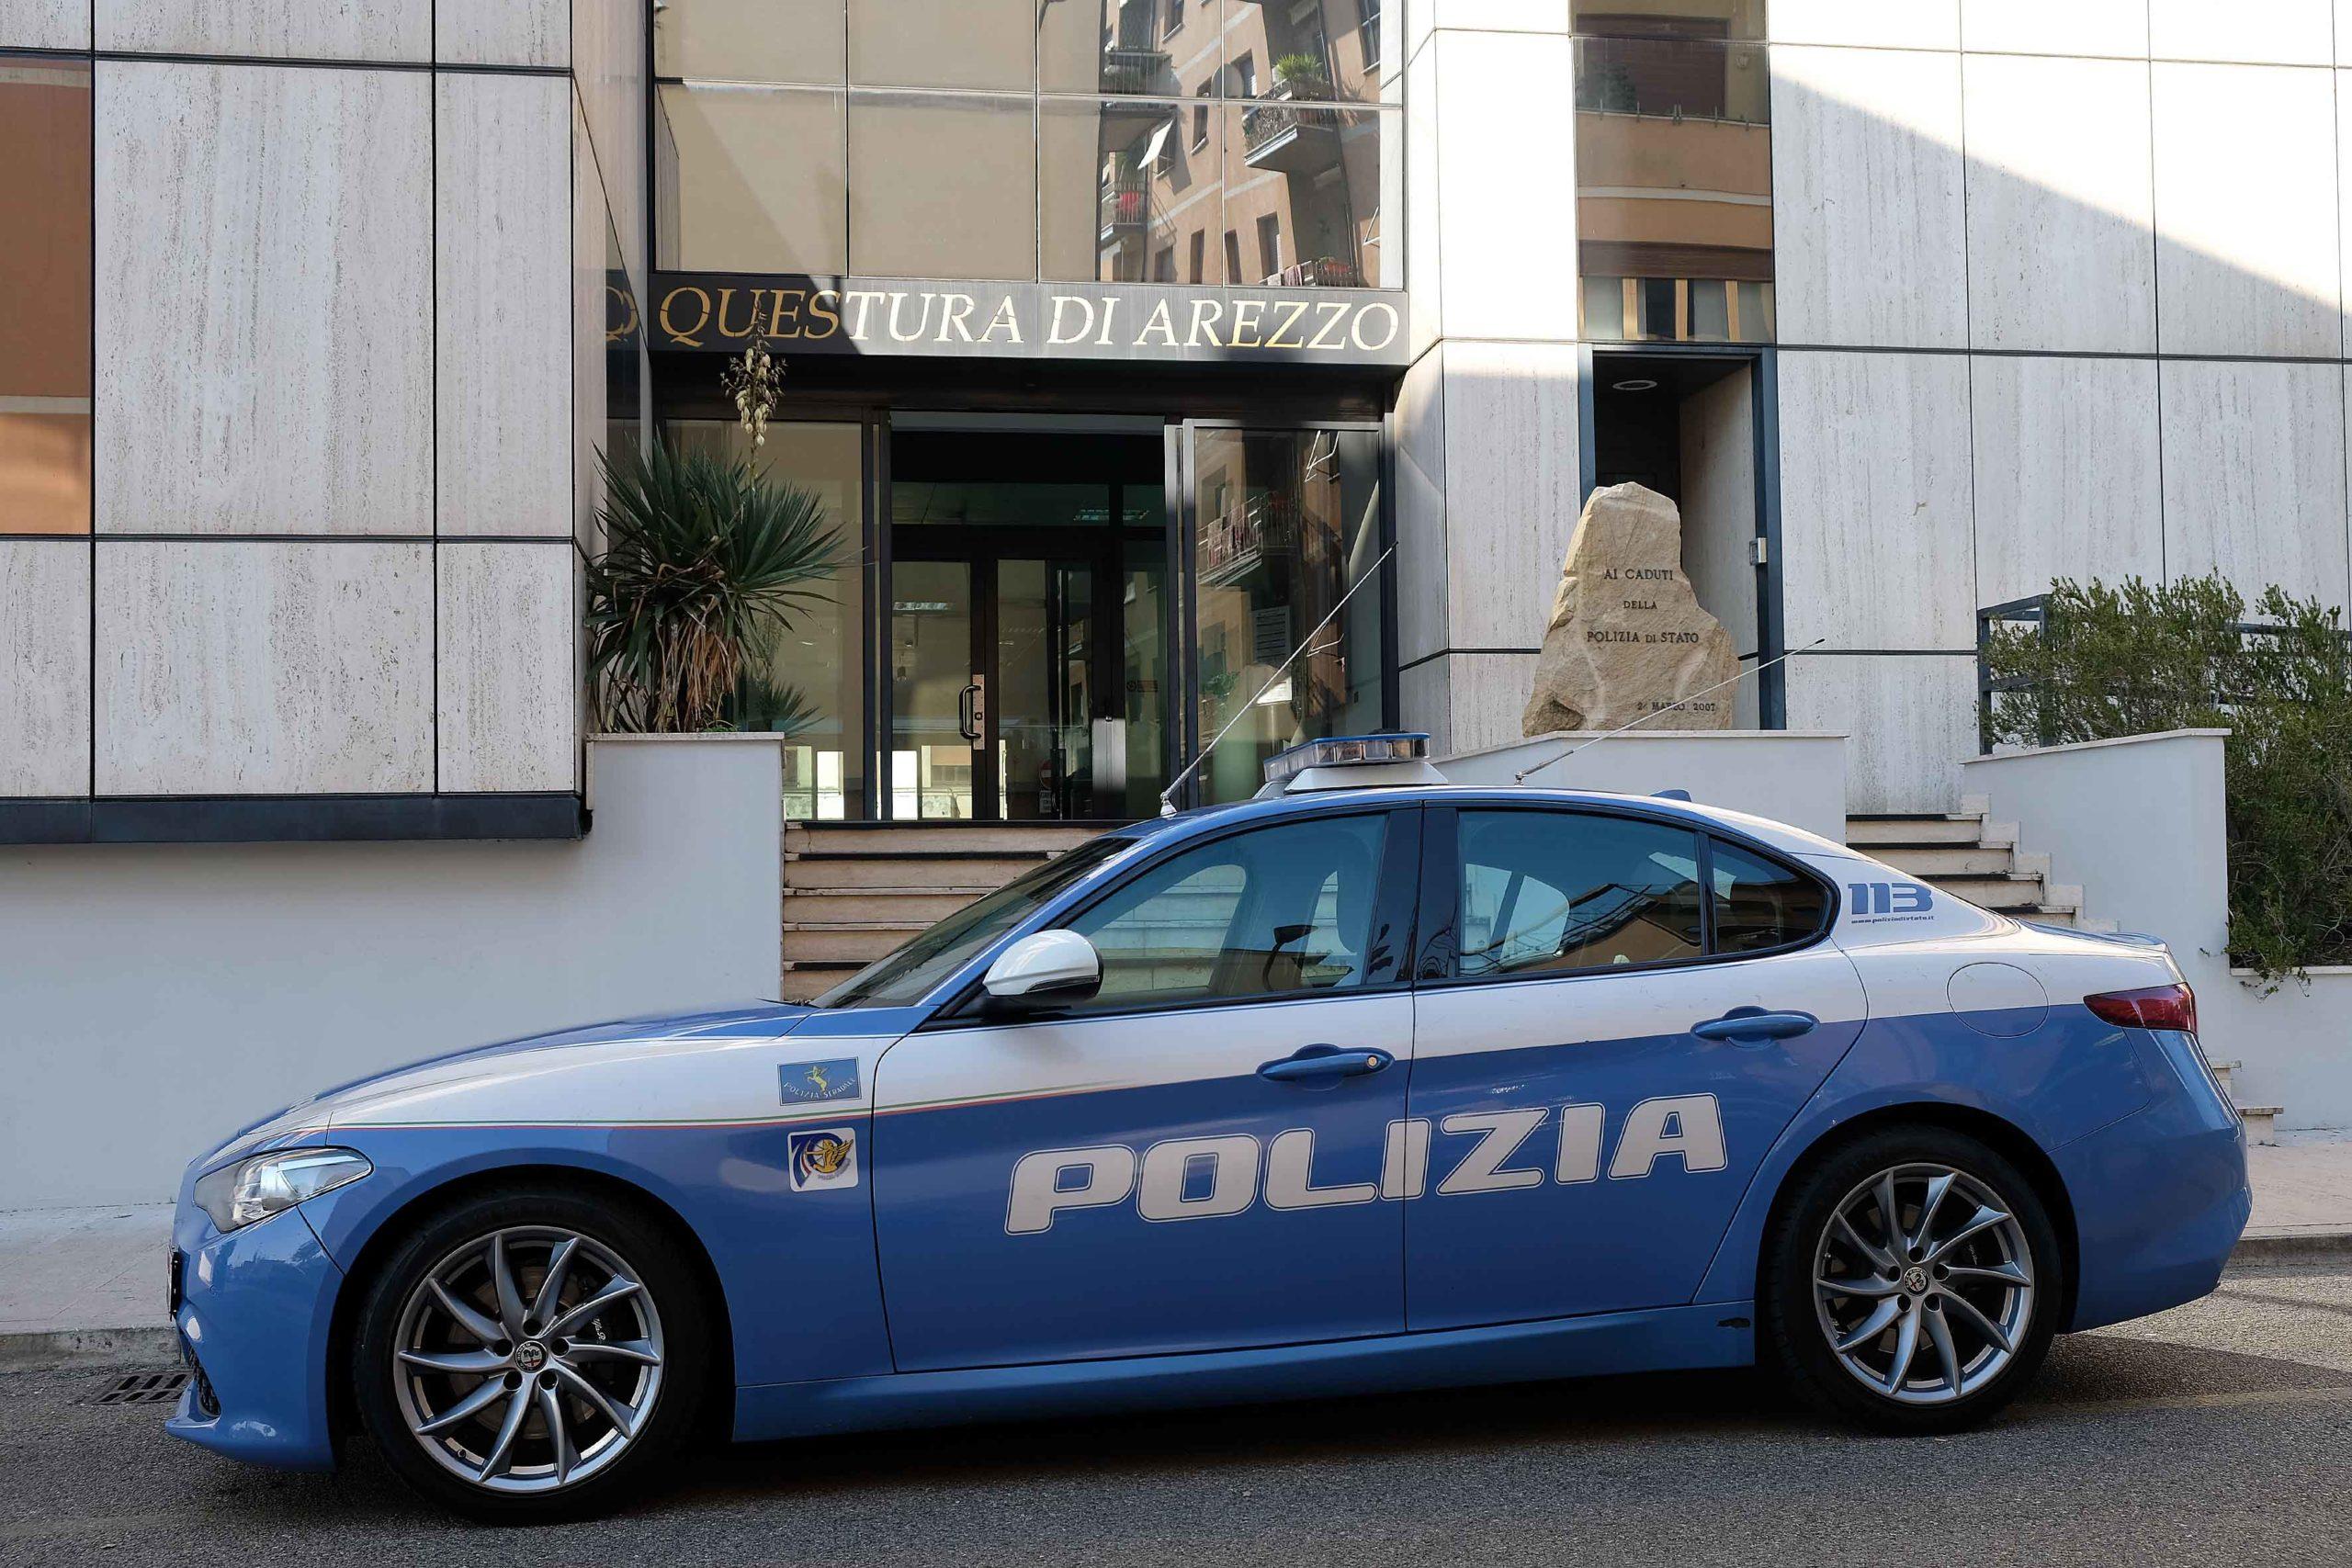 Una volante davanti all'ingresso della questura di Arezzo